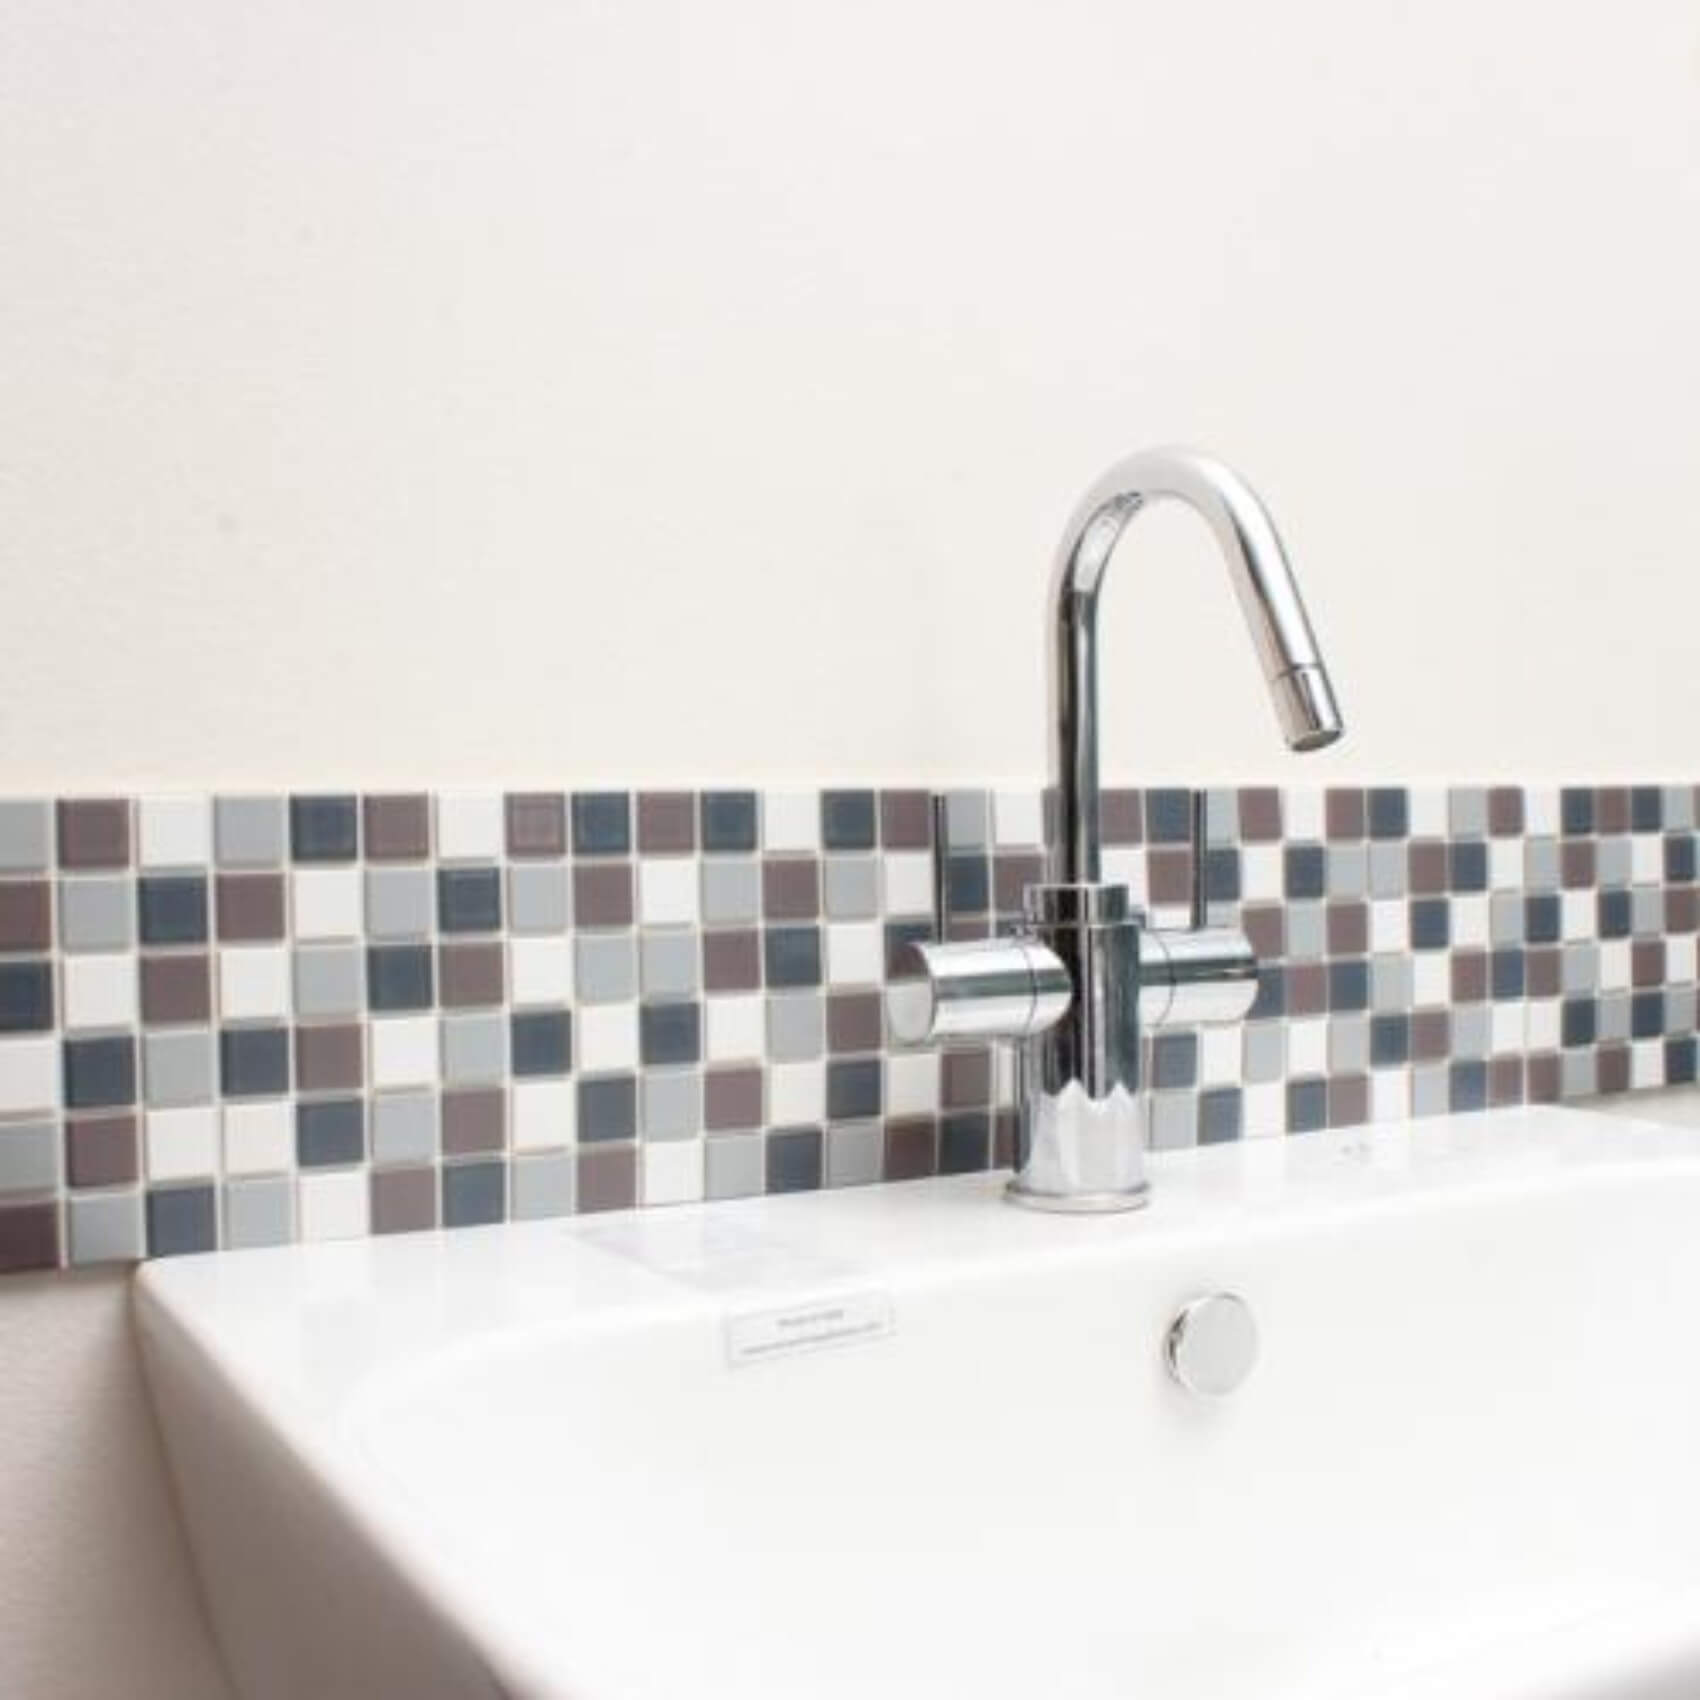 15cm×15cmのシートを6枚貼るだけで、洗面所が一気に華やかに。